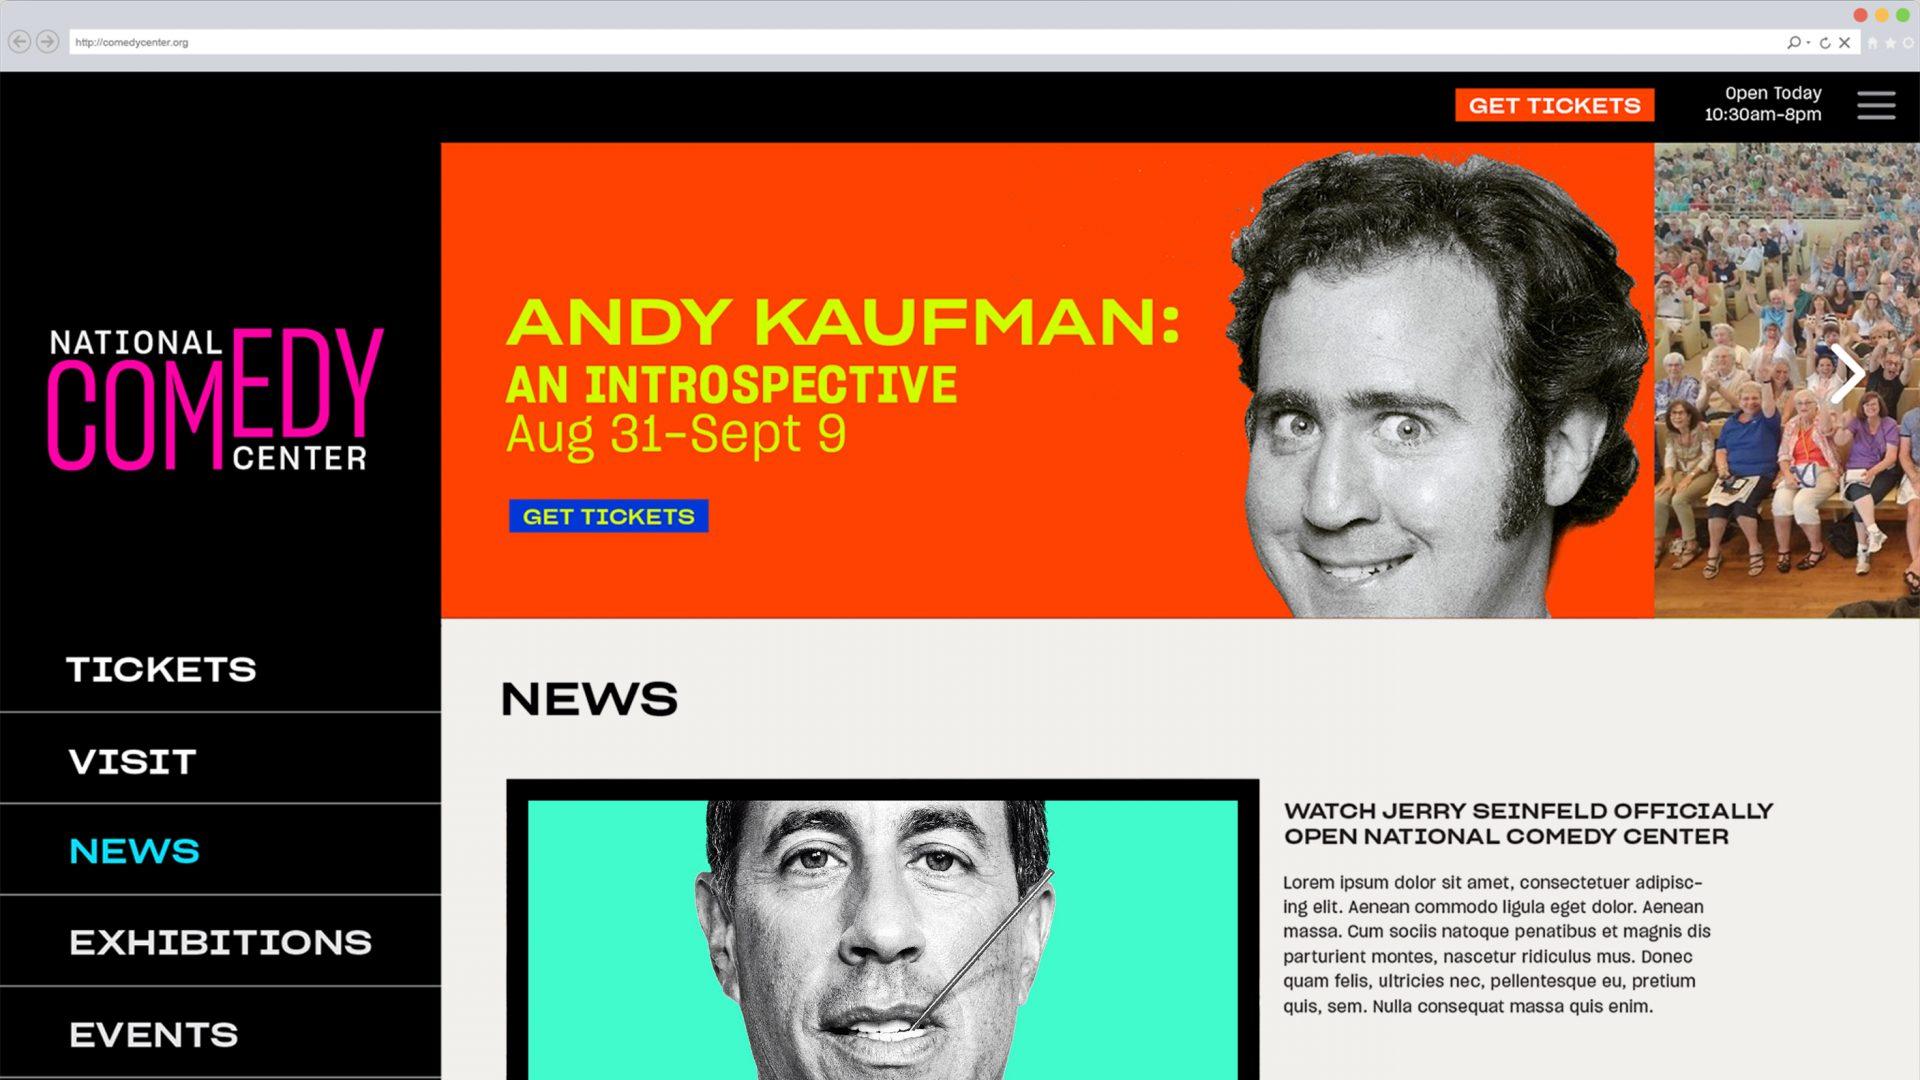 National Comedy Center website